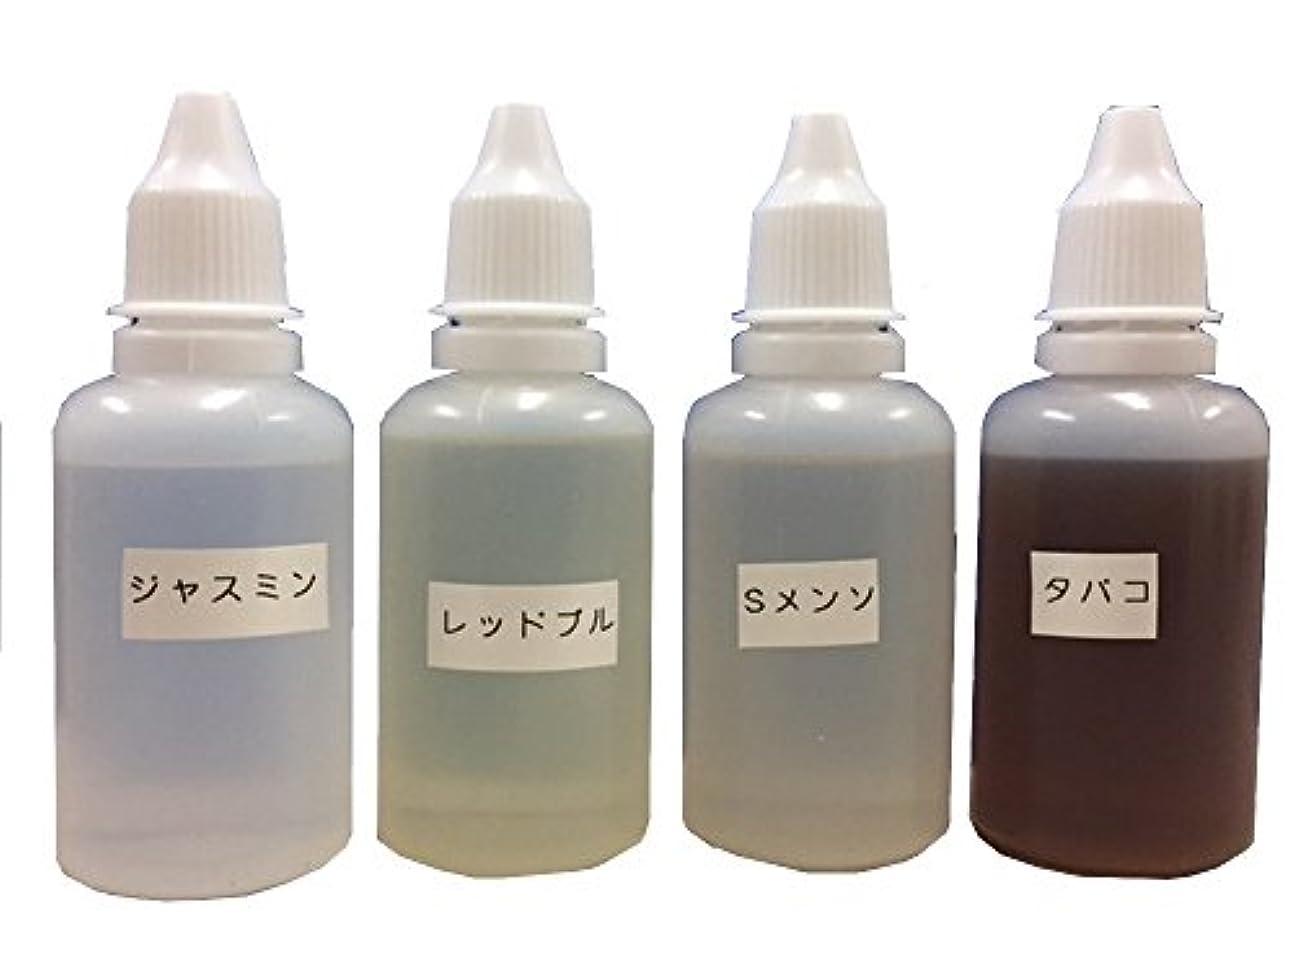 熟すおじいちゃんベーカリー電子タバコ 用リキッド 30ml リラックス系 ドリンク系 (コーヒー)